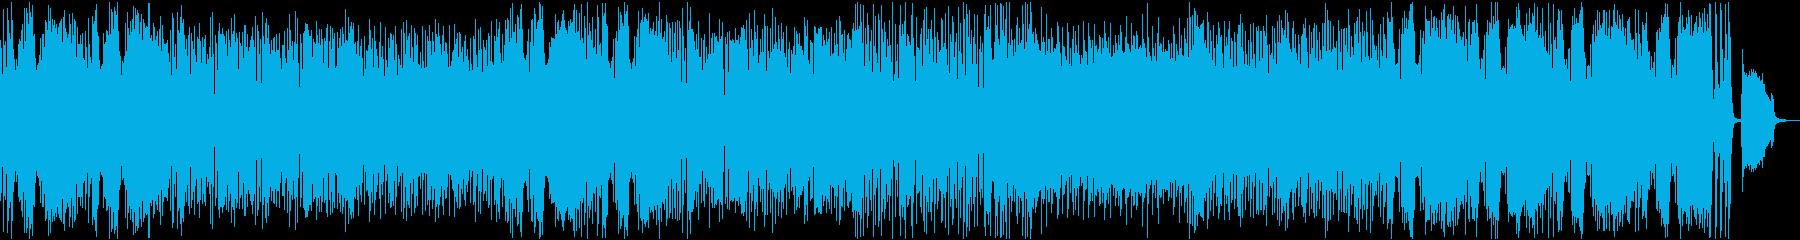 かわいくメルヘンで爽やかなエンドロールの再生済みの波形